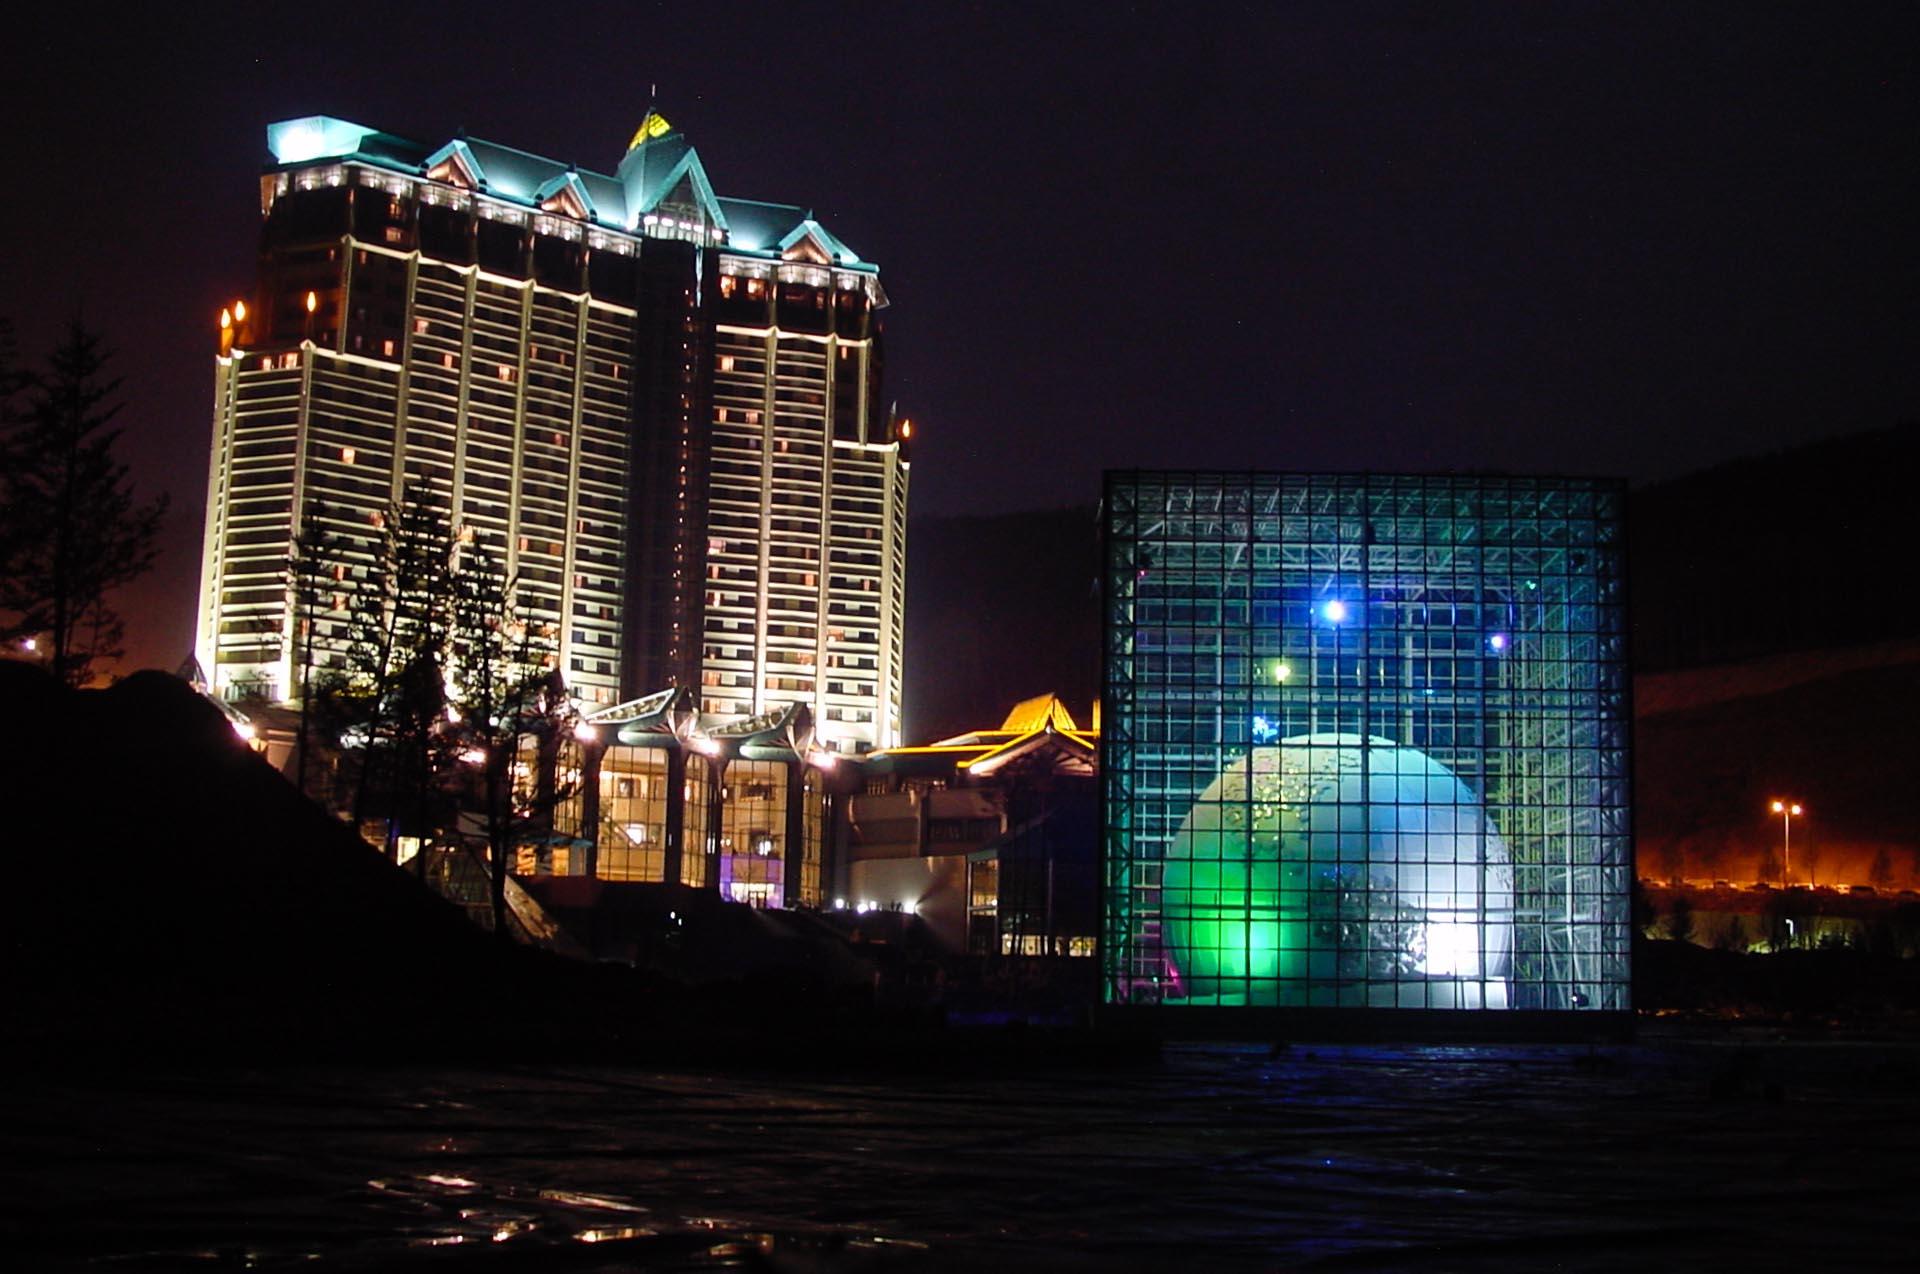 Casino briefs: Kangwon Land casino shutdown; Macau suffers; New casino planned in Vietnam